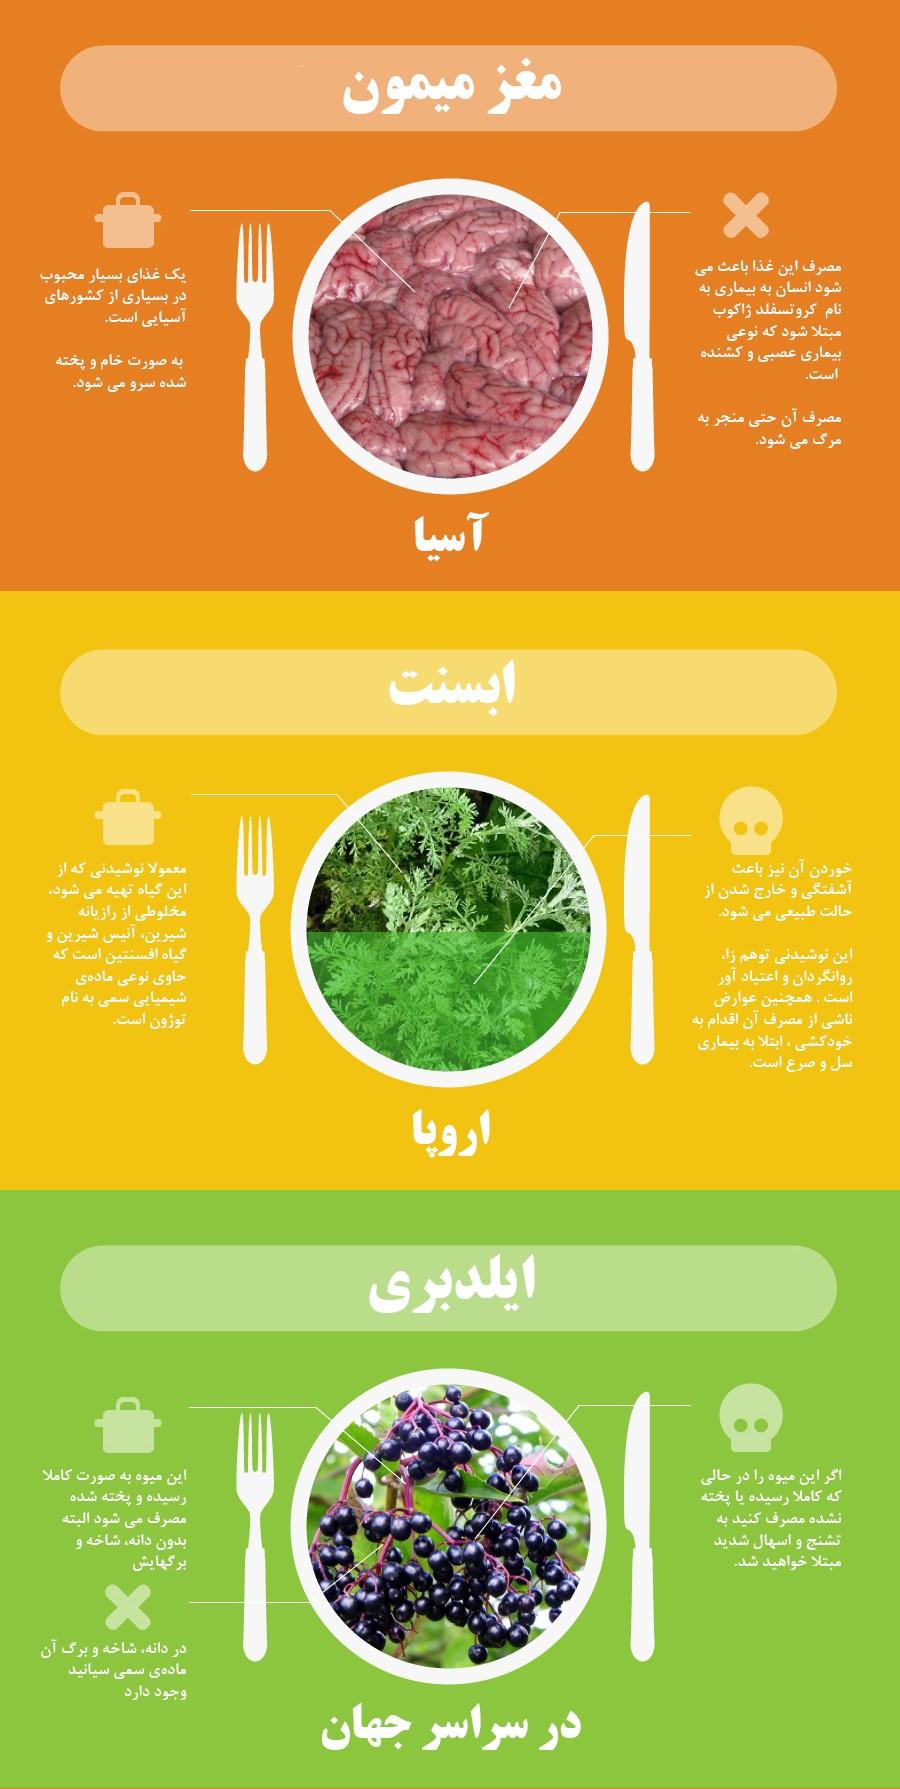 غذاهای خطرناک جهان